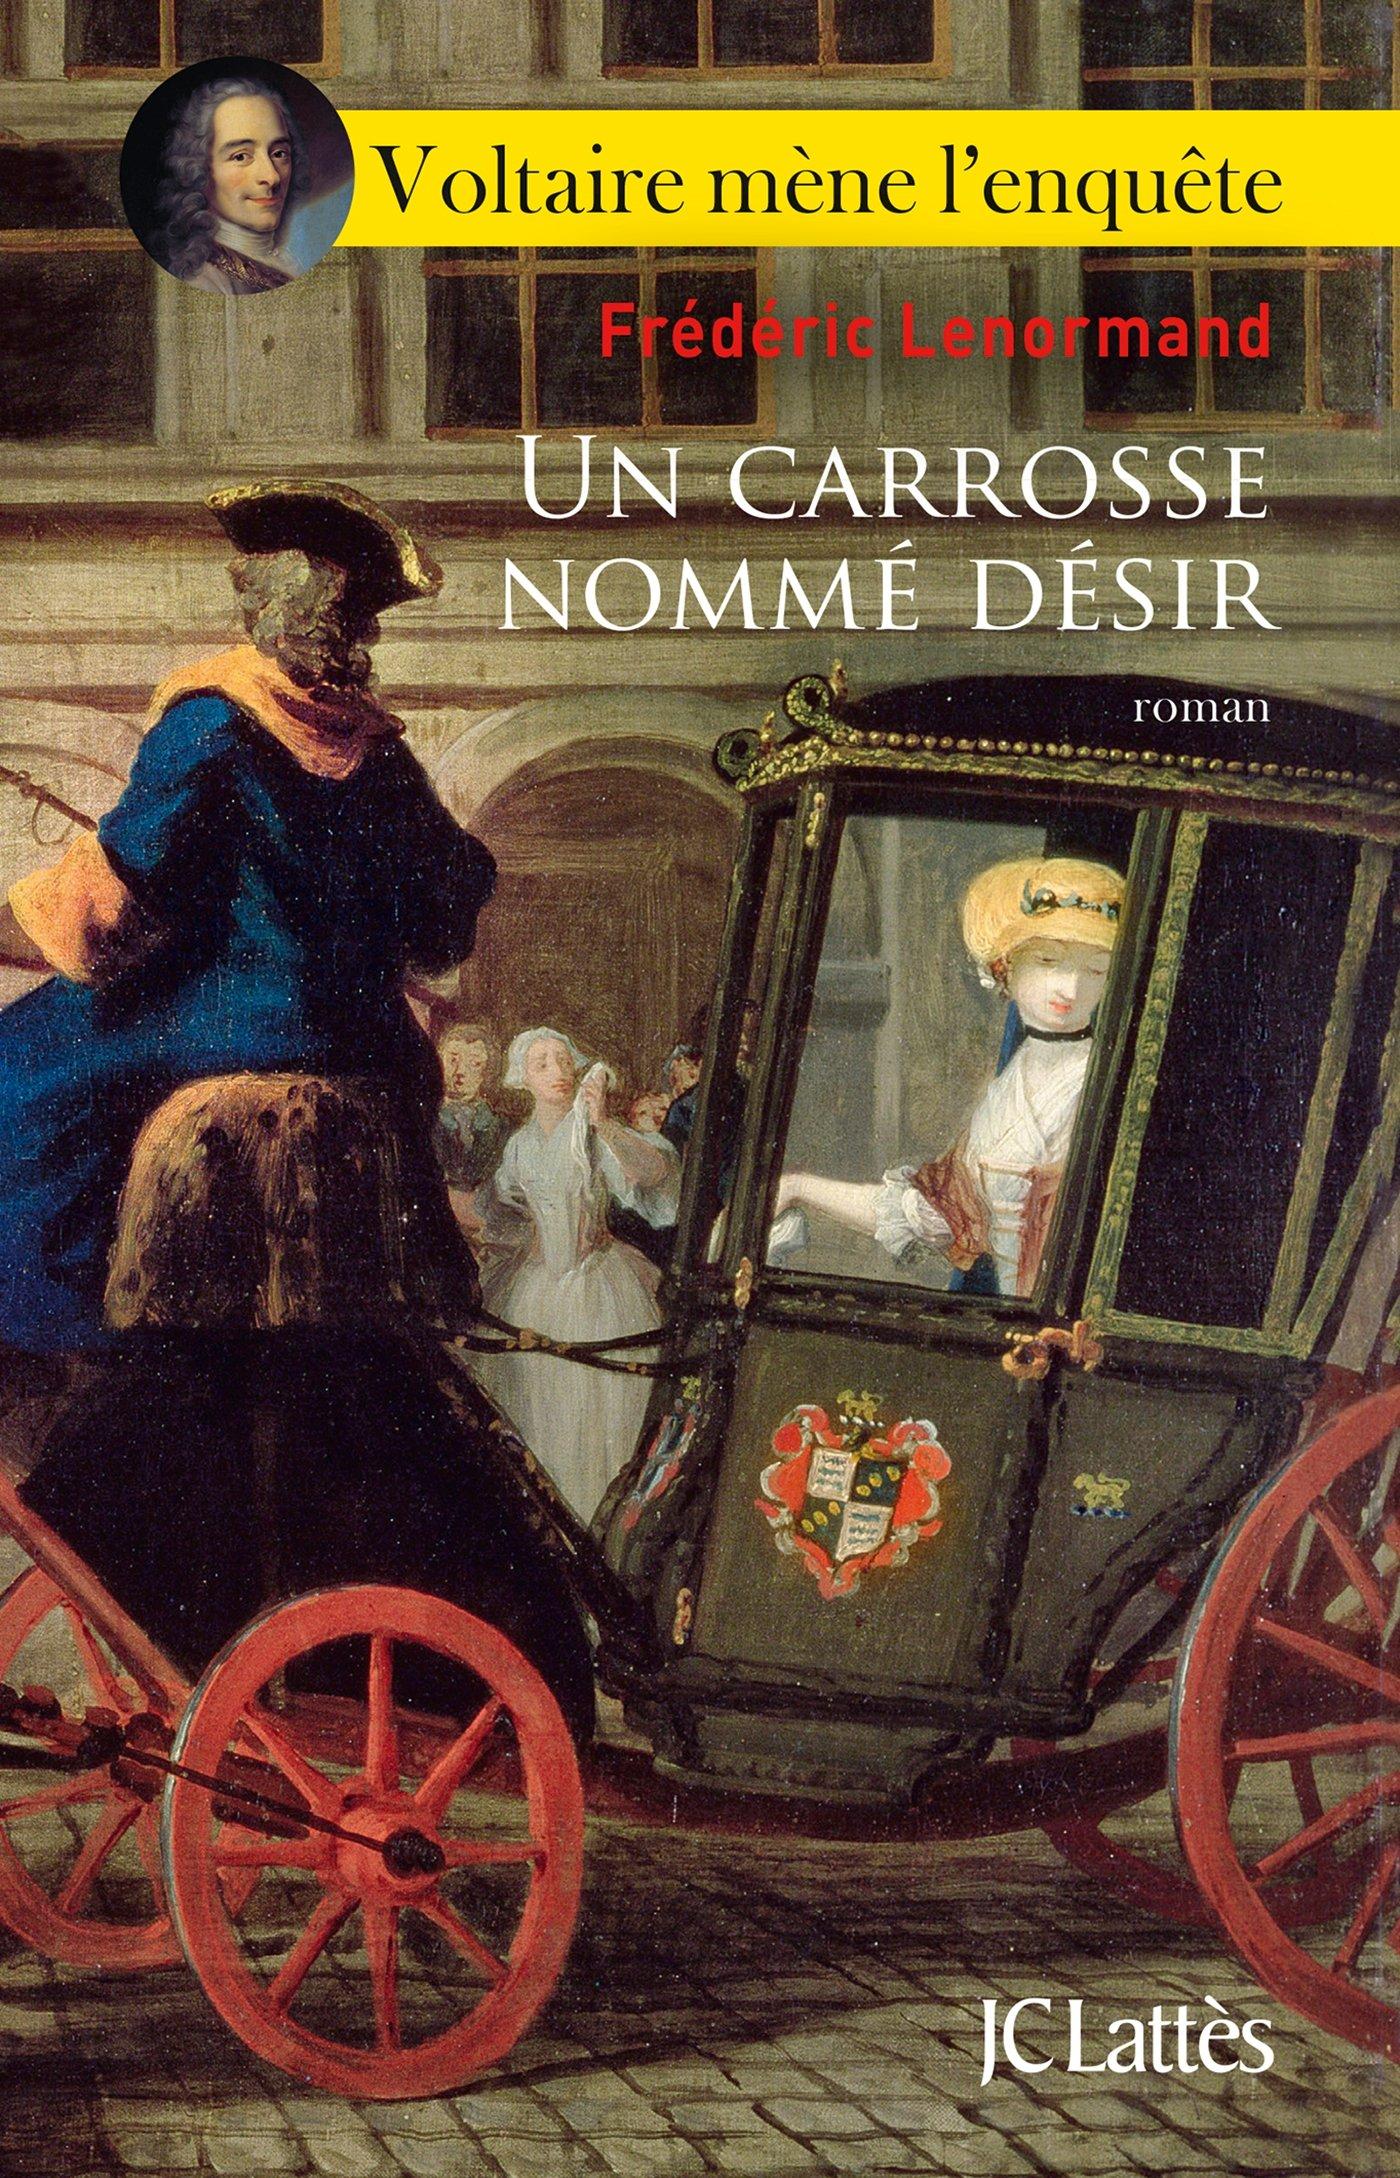 Un carrosse nommé désir Broché – 9 mai 2018 Frédéric Lenormand JC Lattès 2709661721 Romans